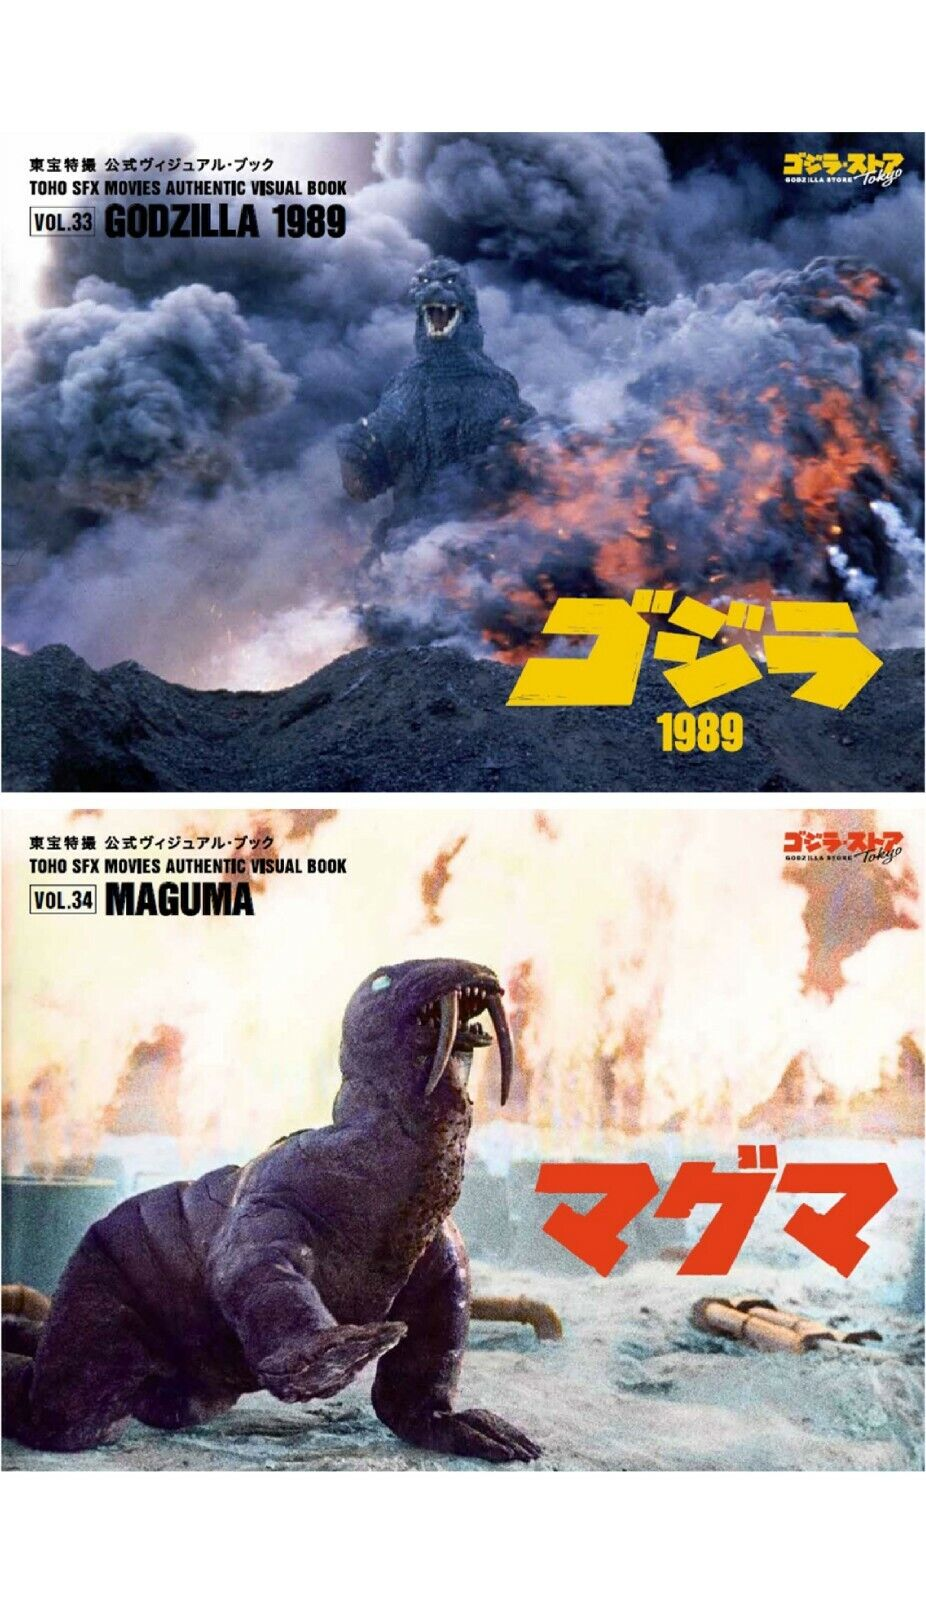 TOHO SFX películas auténtico VISUAL BOOK vol.33 y 34 Set tokusatsu Maguma Godzilla